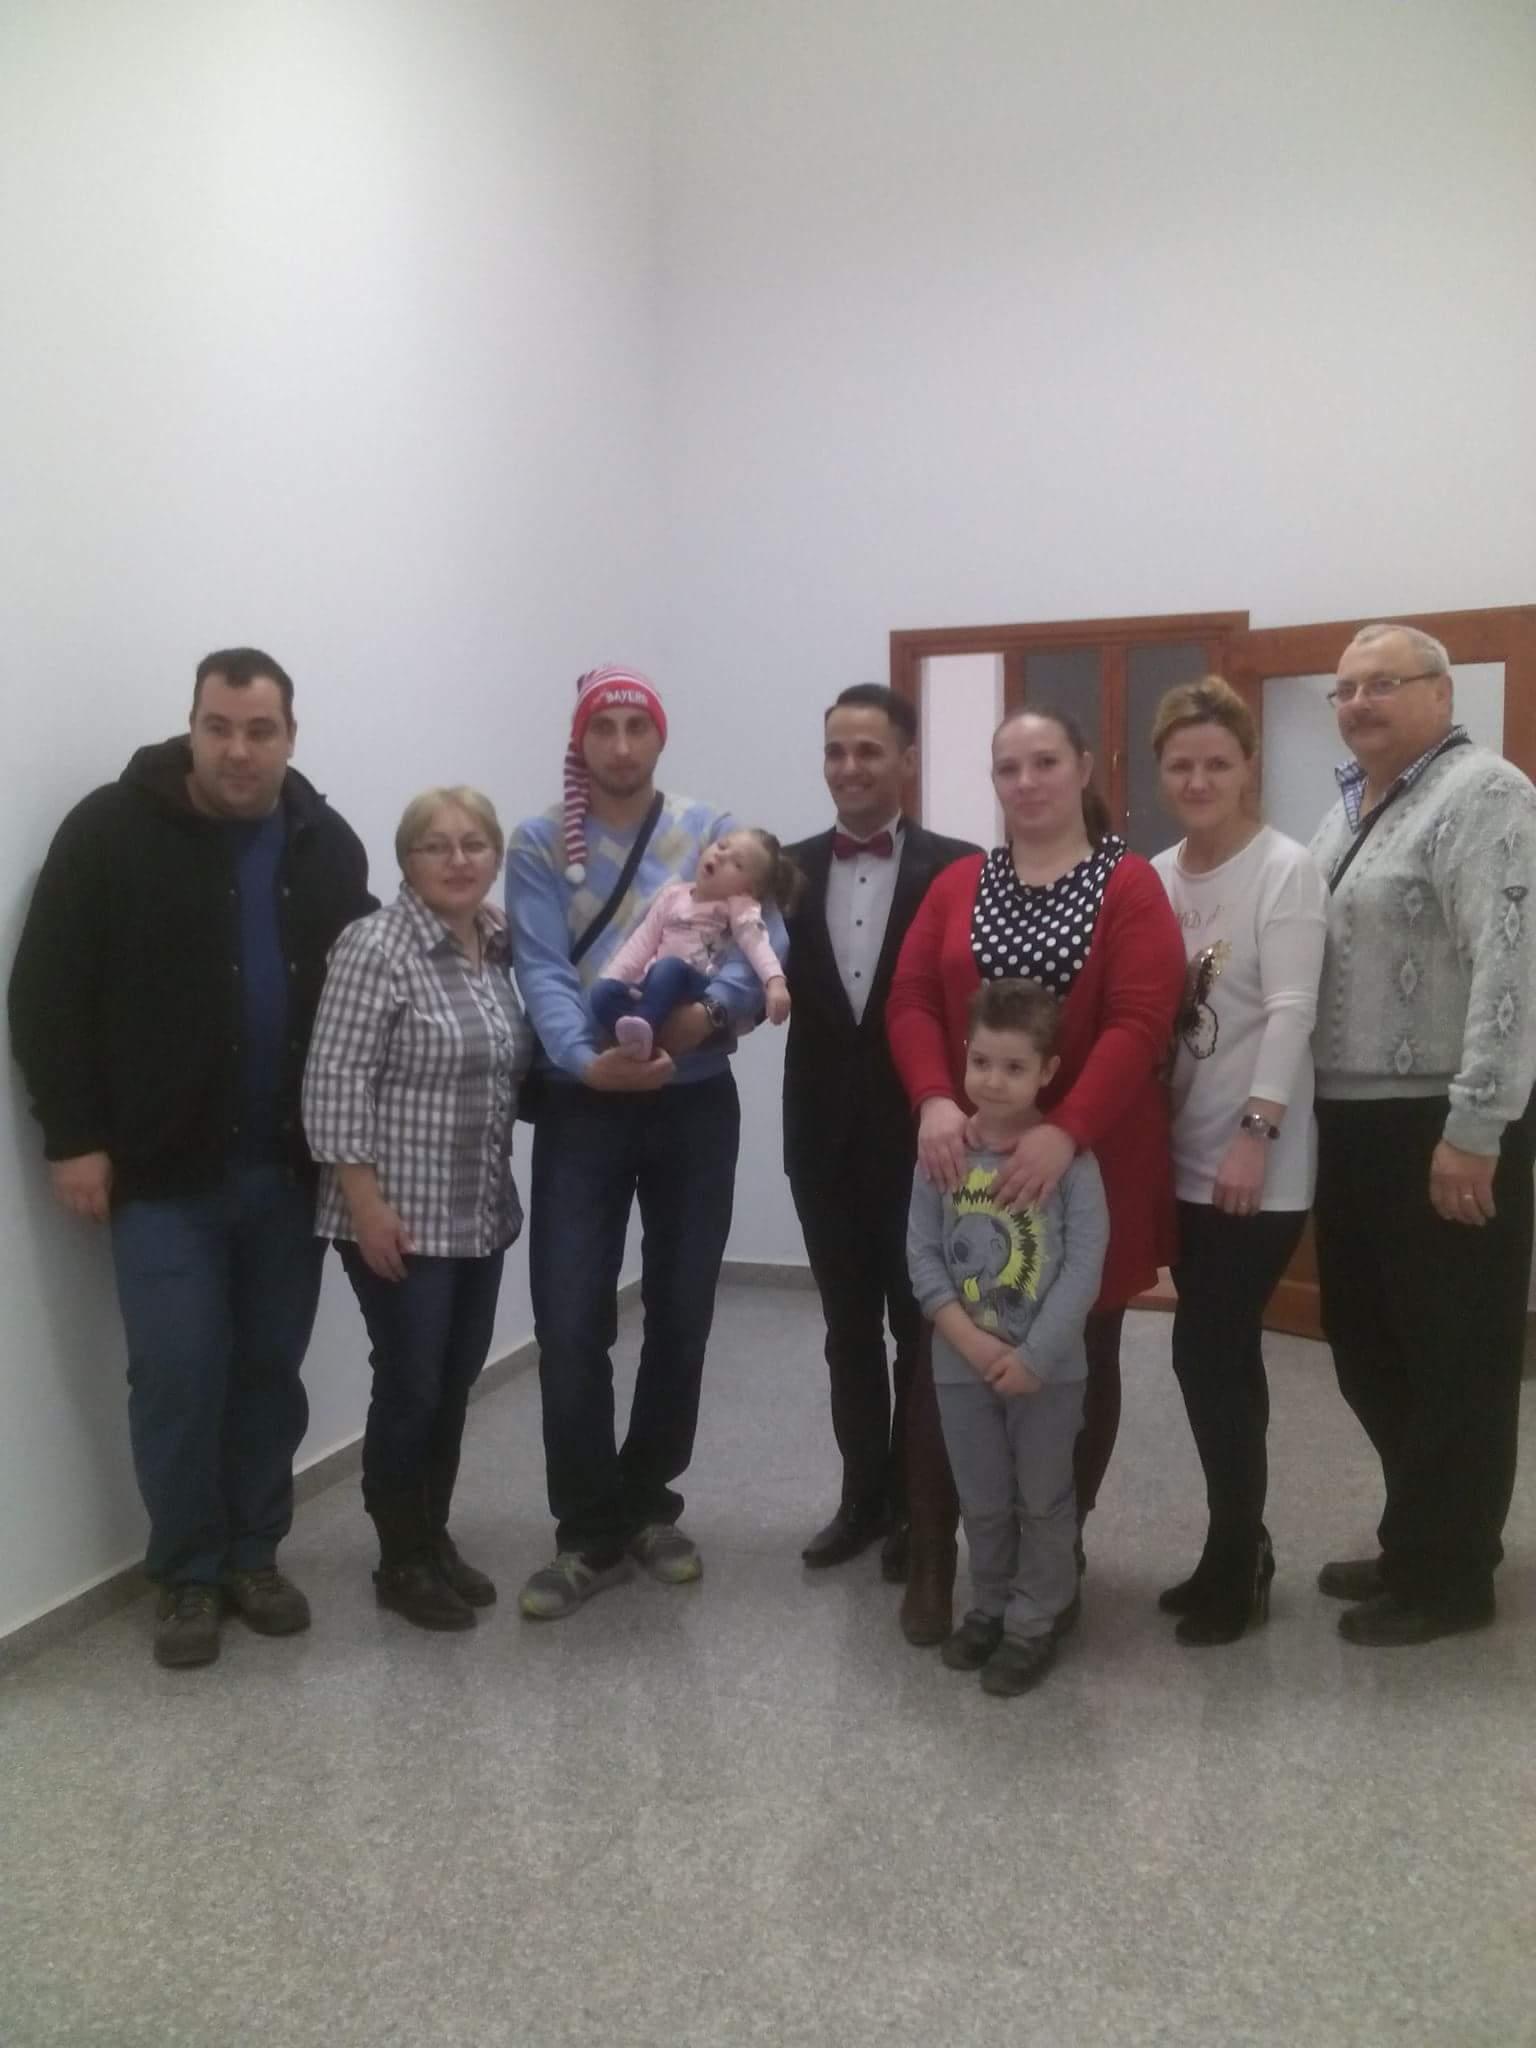 Caritatea a fost din nou darul special al Sărbătorilor de Iarnă în oraşul Lipova